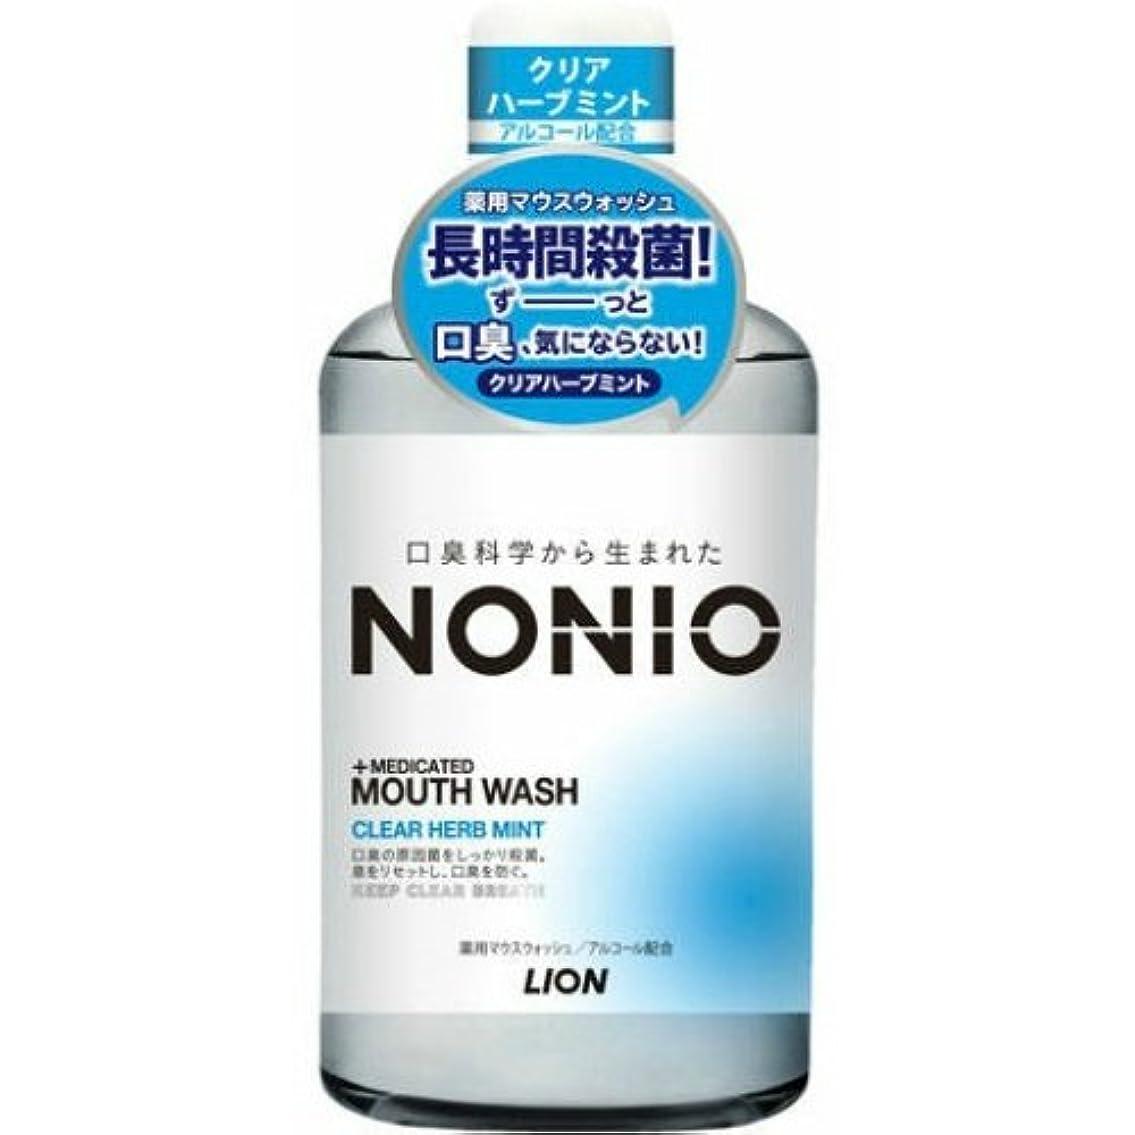 LION ライオン ノニオ NONIO 薬用マウスウォッシュ クリアハーブミント 600ml ×10点セット(4903301259350)